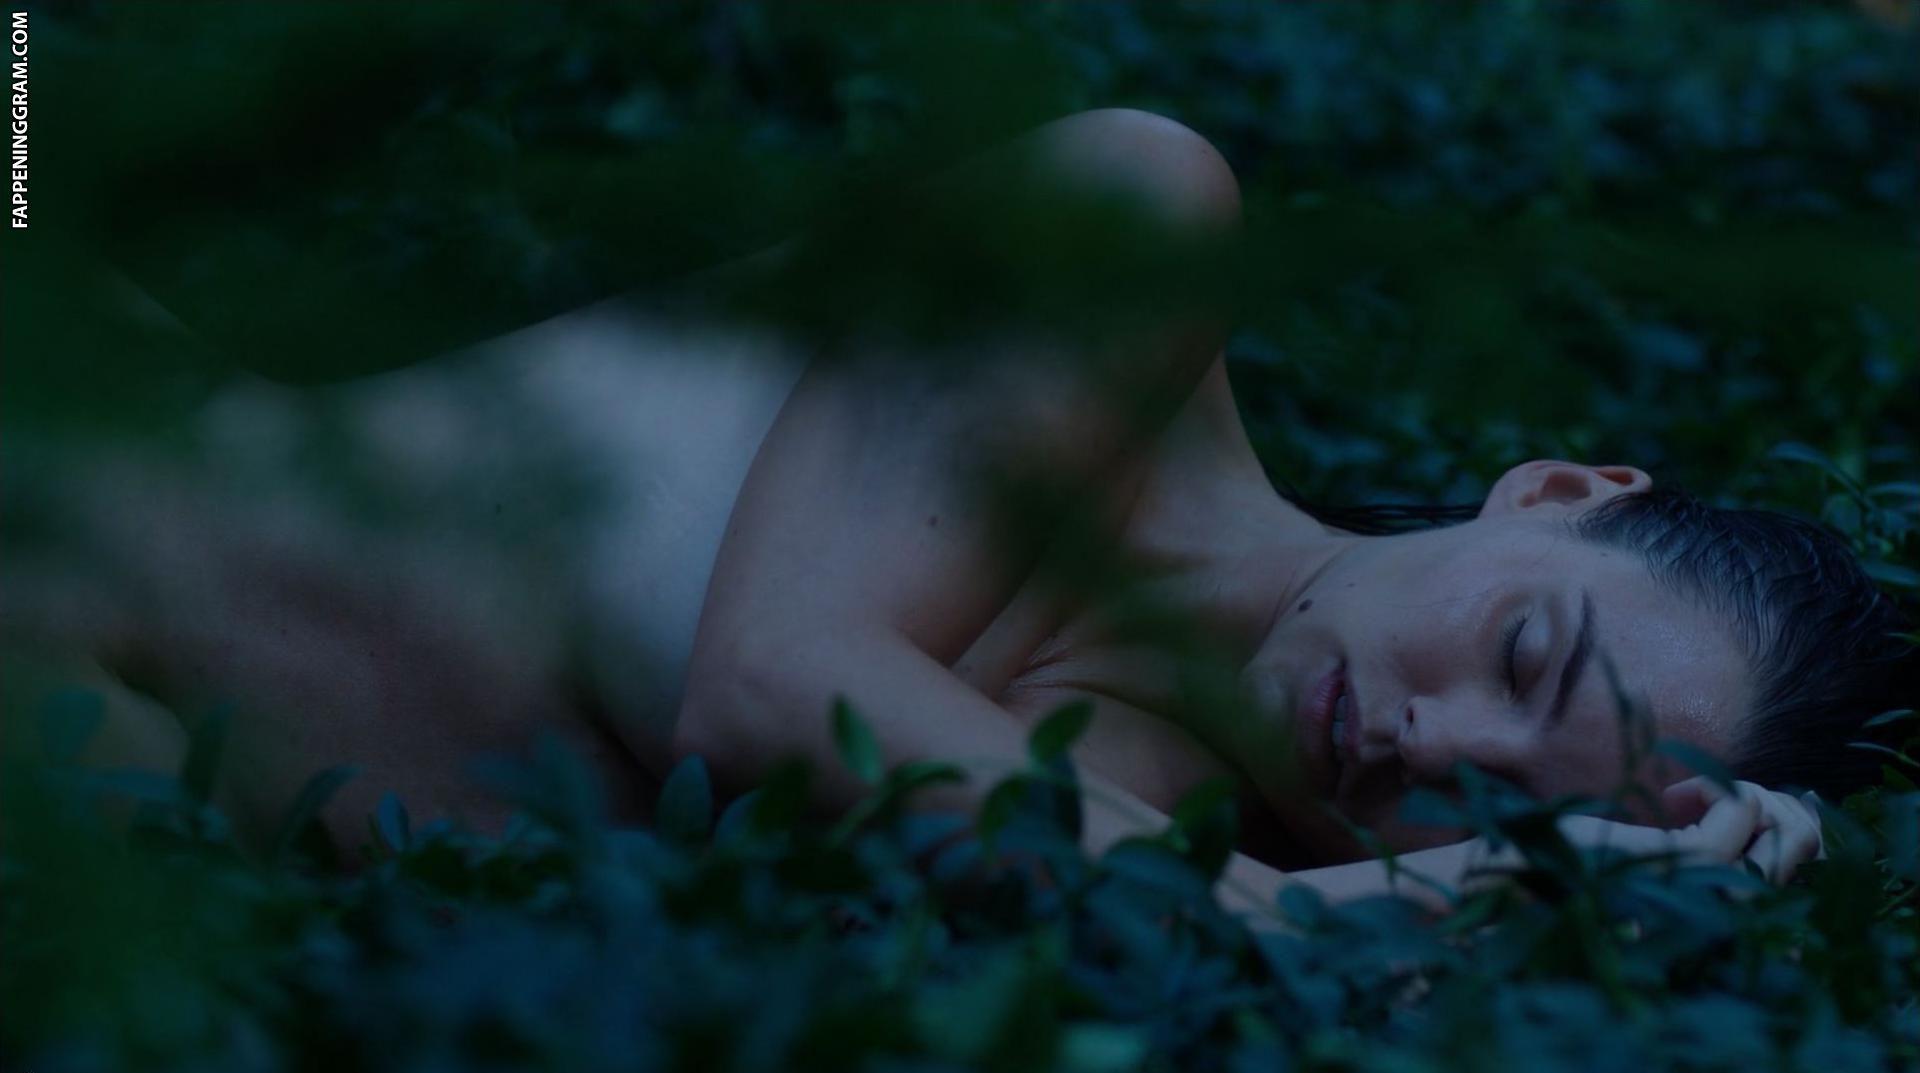 Celina powell nude taboo porn pics taboohome